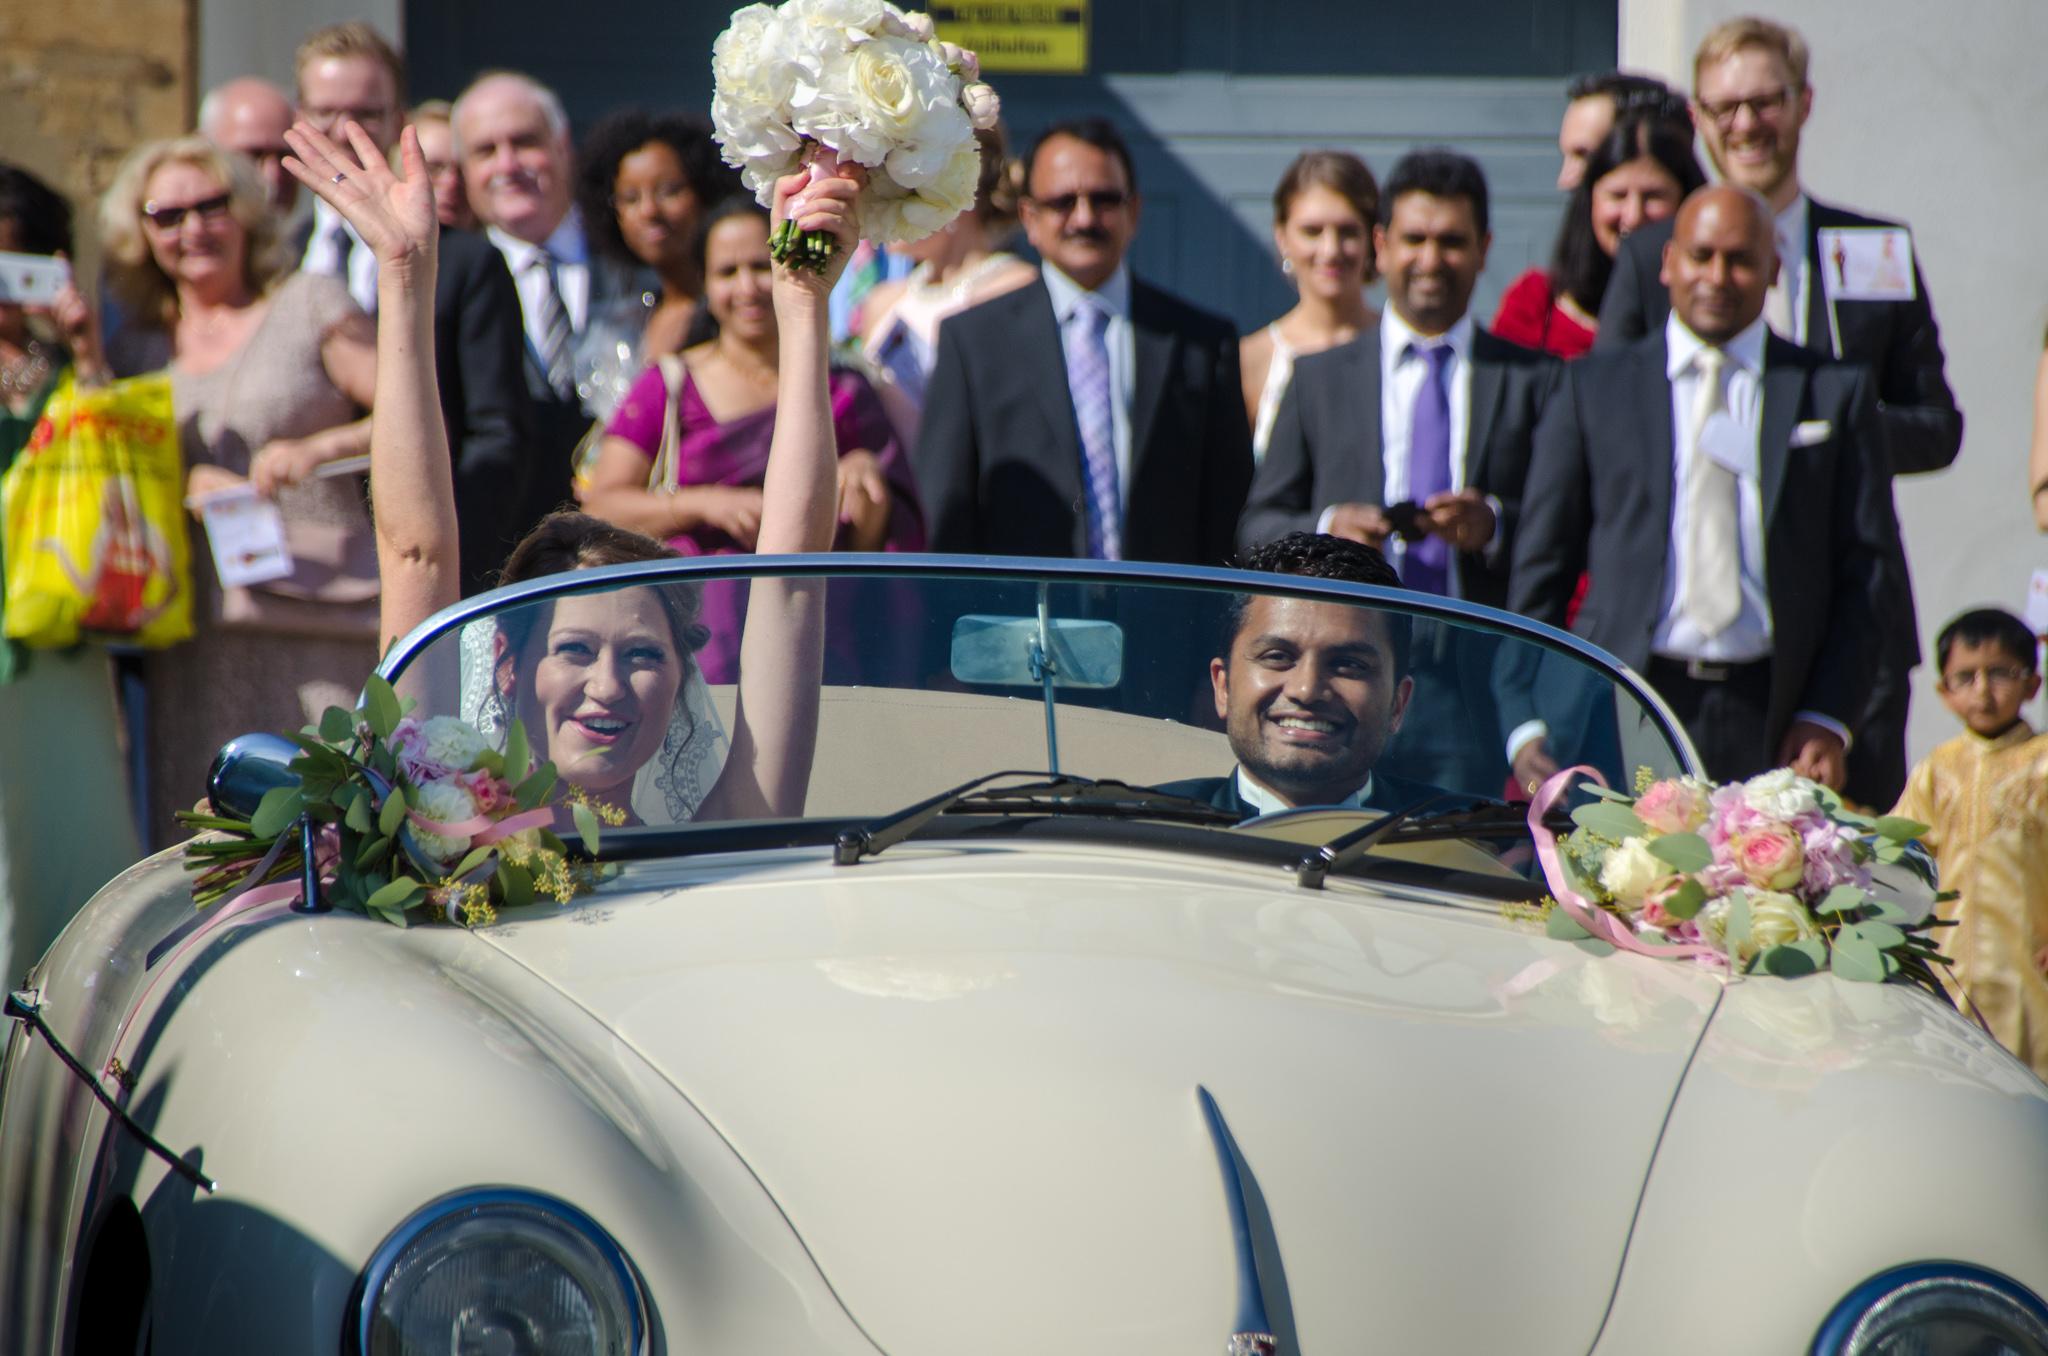 2015-08-01 - Jamritha Honeymoon - The Wedding of Robin and Anastasia - 086